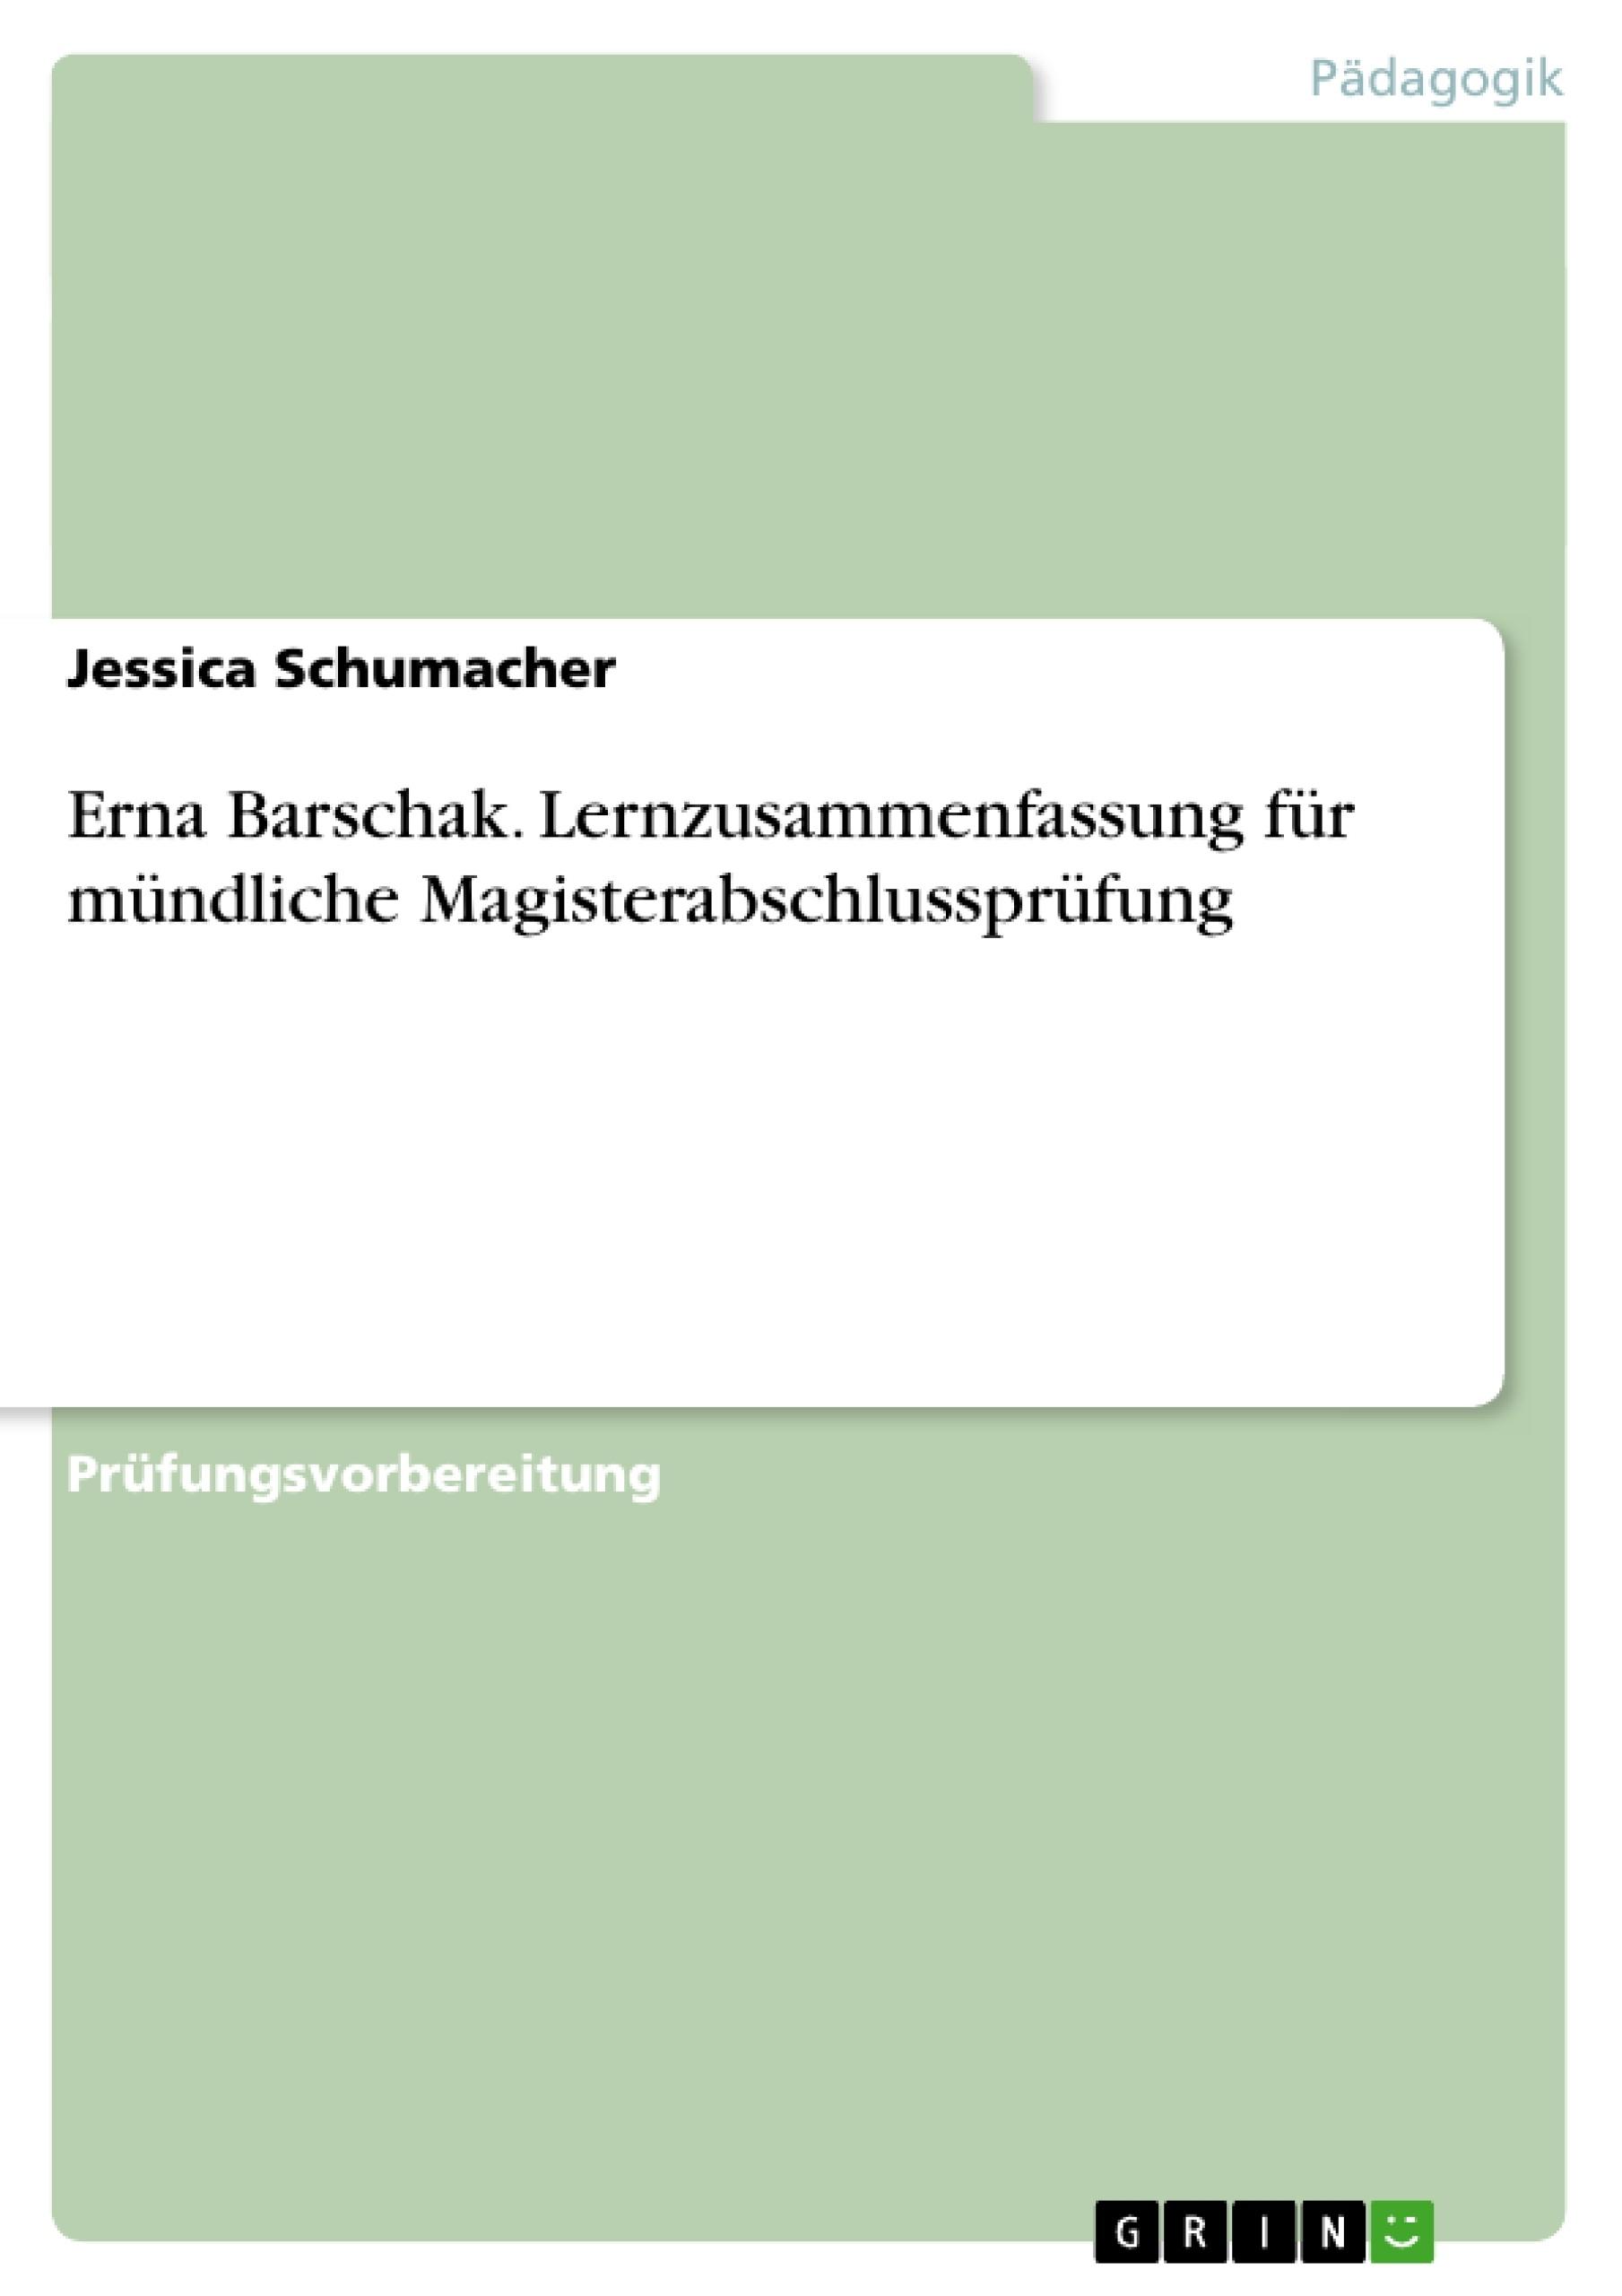 Titel: Erna Barschak. Lernzusammenfassung für mündliche Magisterabschlussprüfung